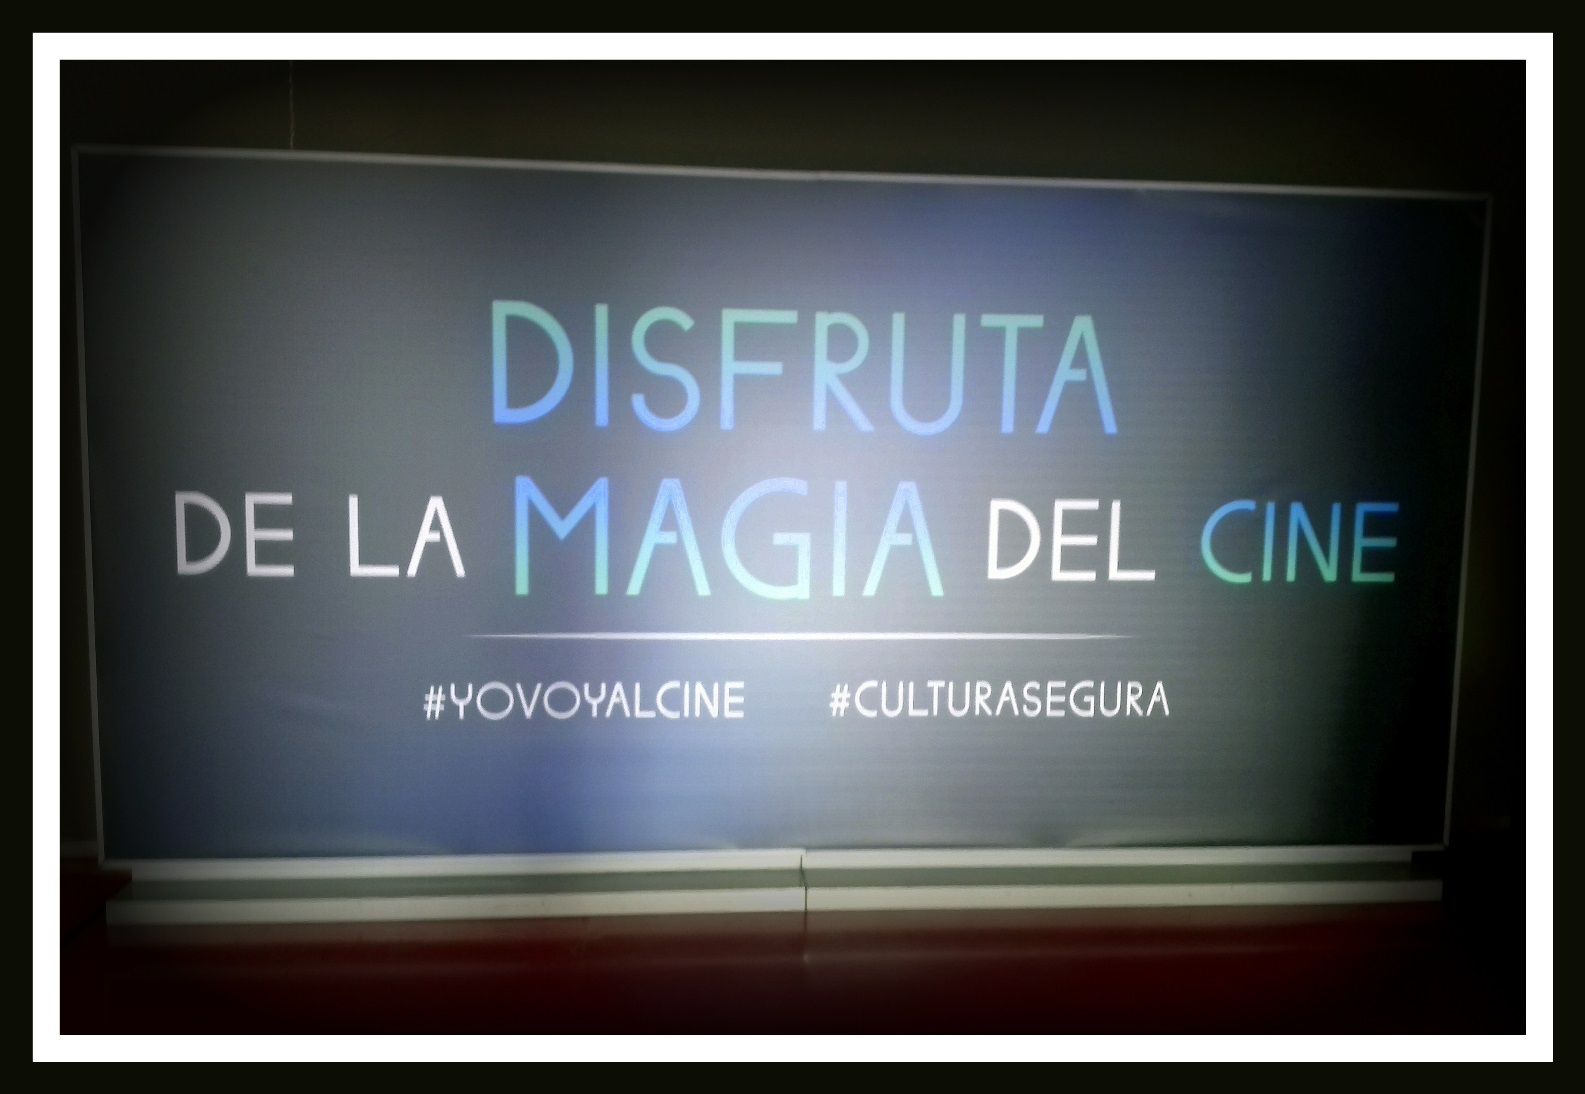 Cartel Magia Cine-Yo voy al cine